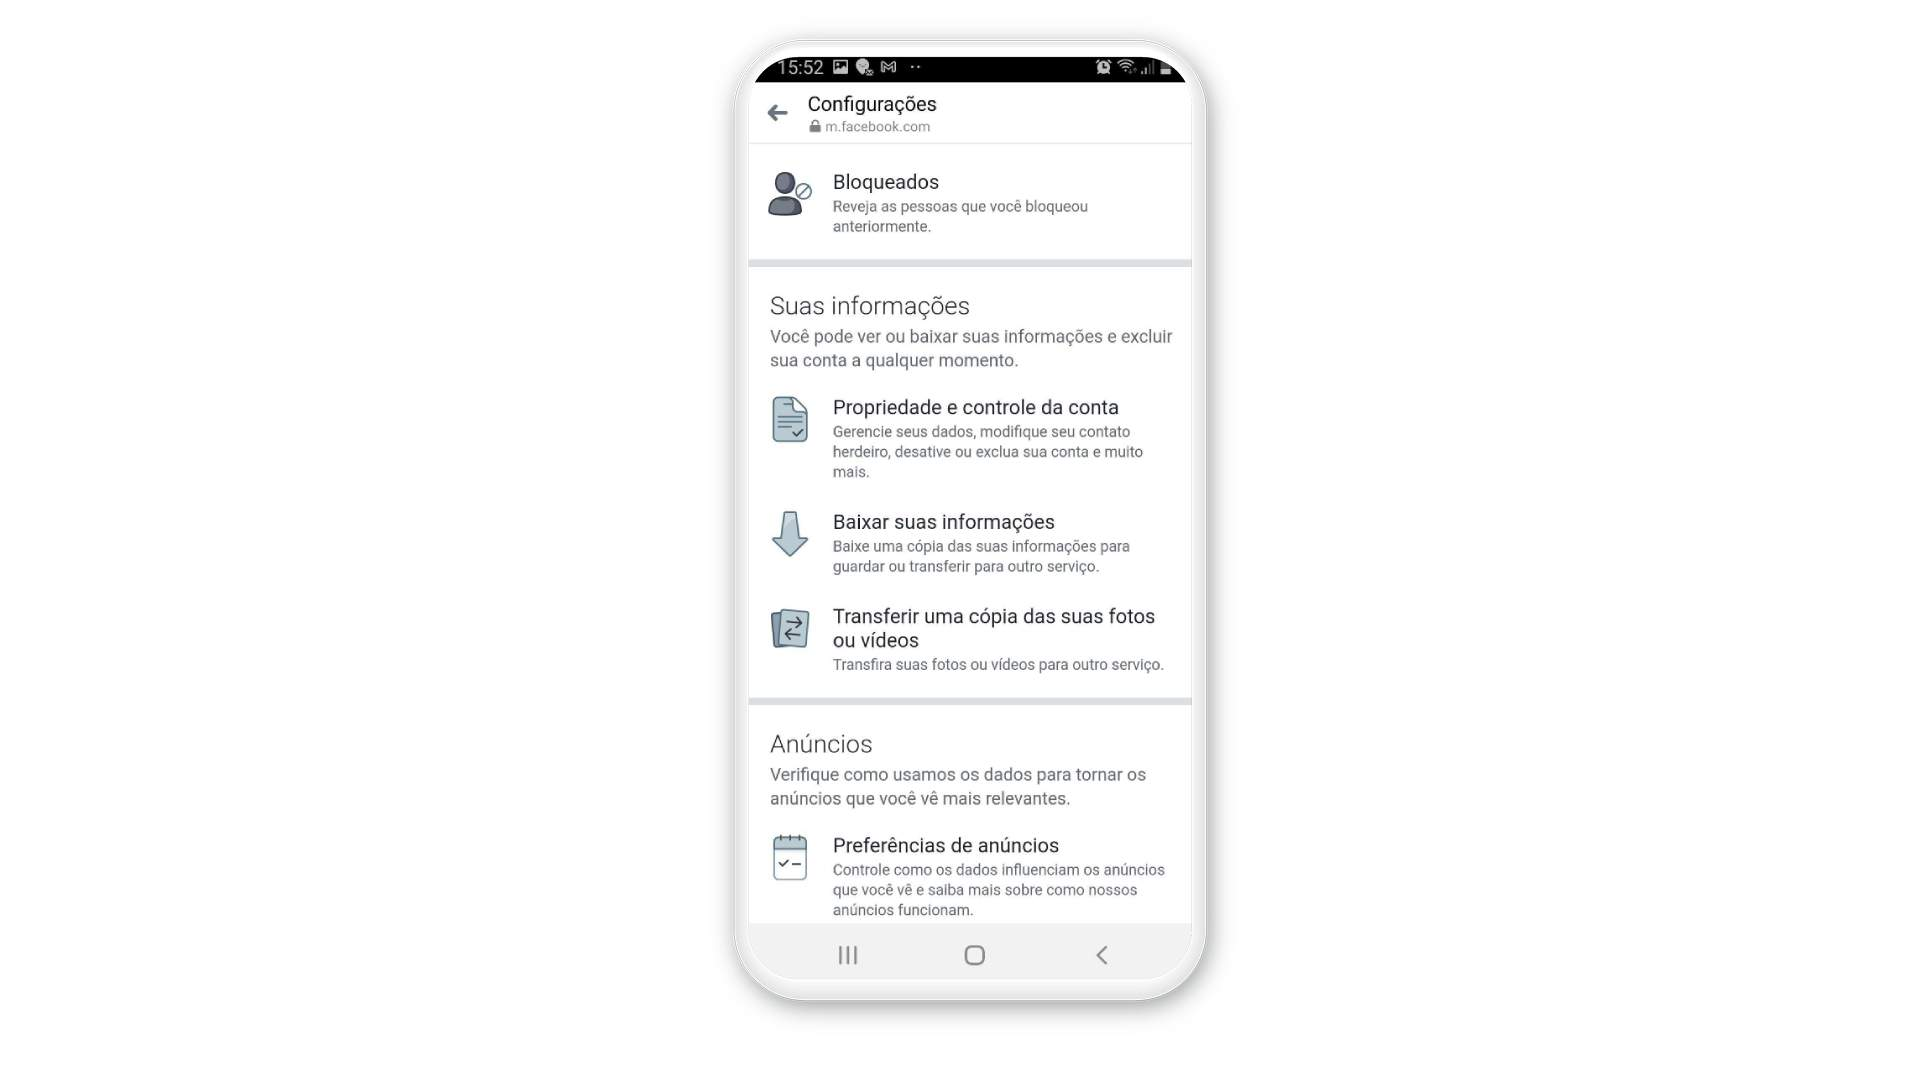 Toque em Baixar suas Informações para ter como recuperar mensagens apagadas do Messenger no celular (Fonte: Messenger/Reprodução)